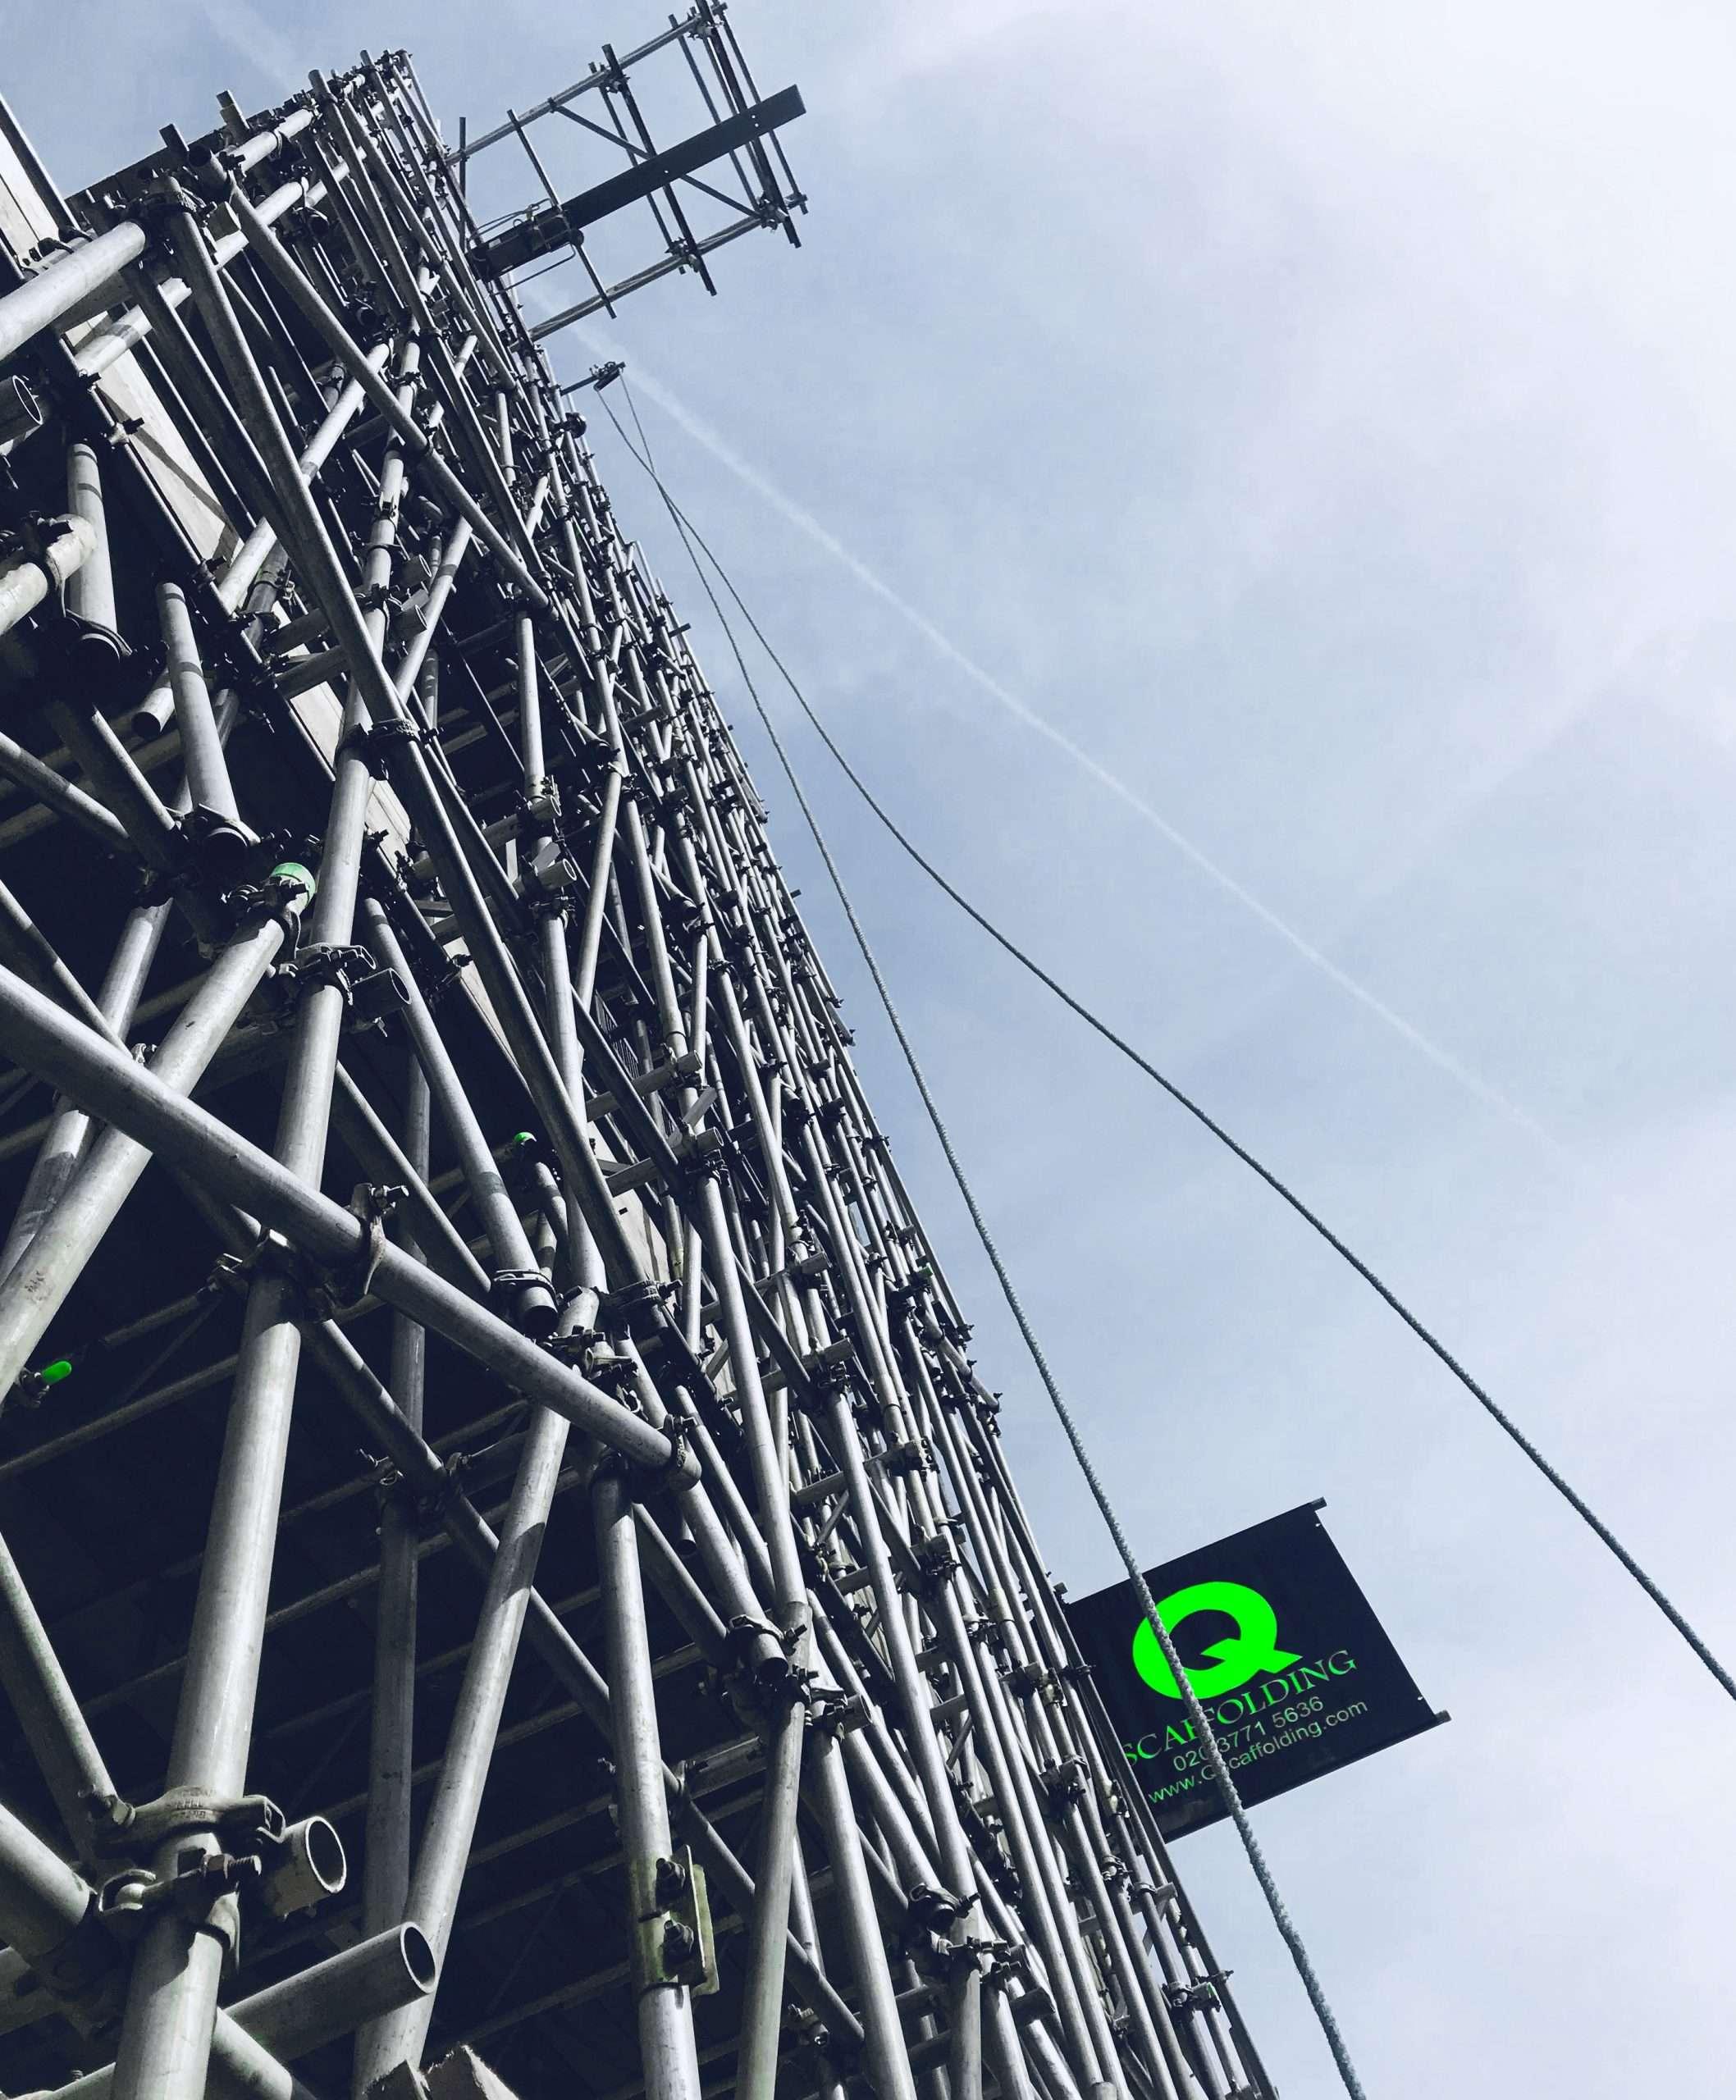 Bespoke scaffolding services in London